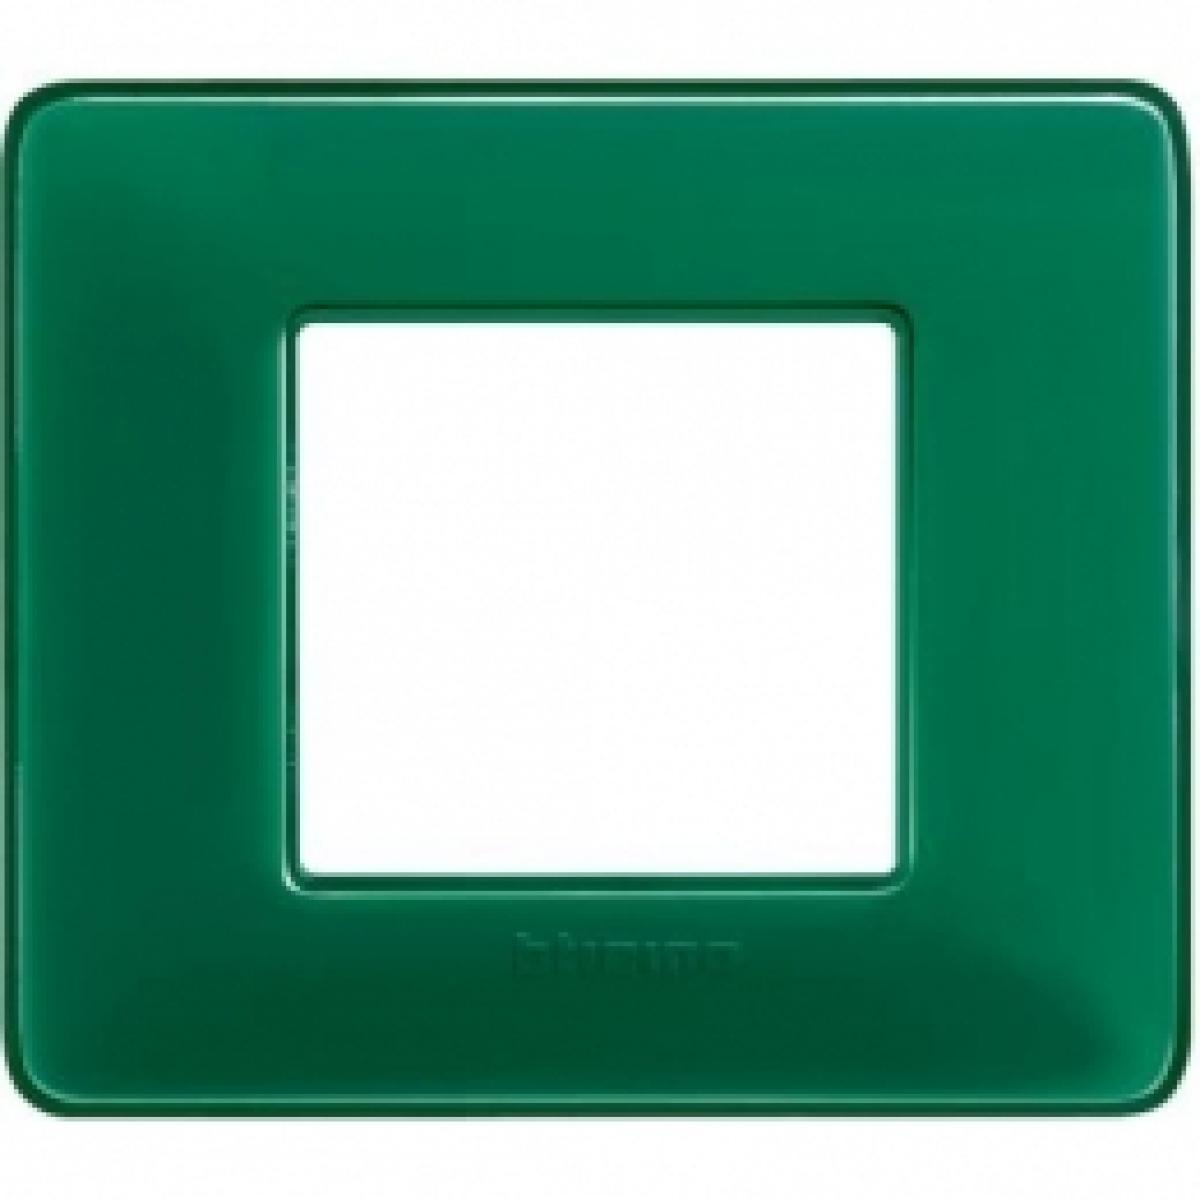 Placca 2 Moduli Smeraldo Bticino Matix AM4802CVS